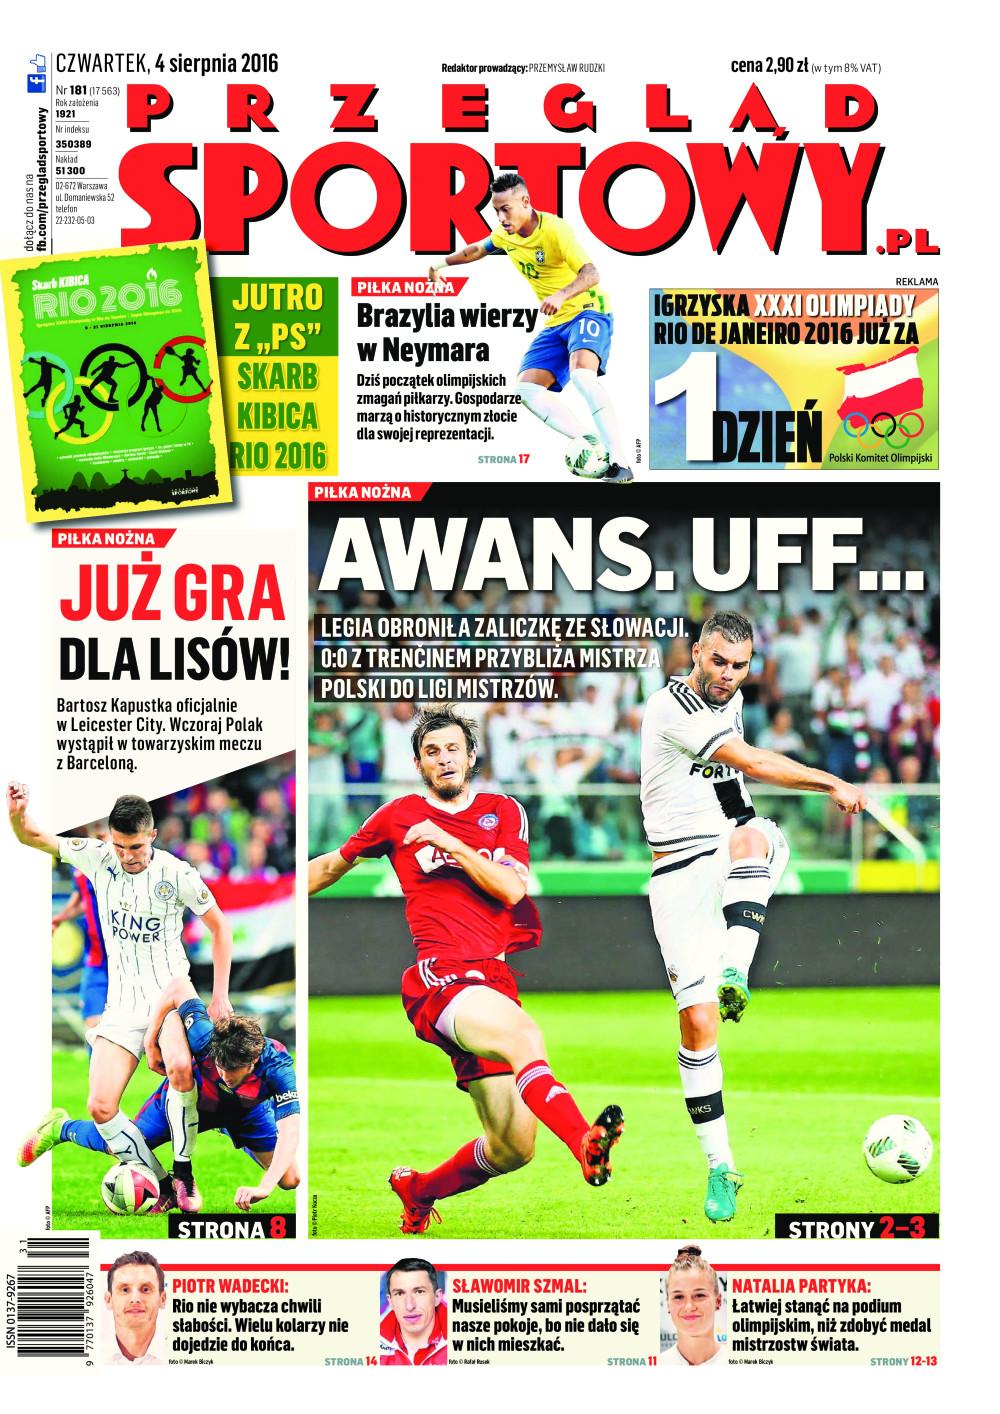 Okładka Przegląd Sportowy po meczu Legia Warszawa – AS Trenčín 0:0 (03.08.2016)